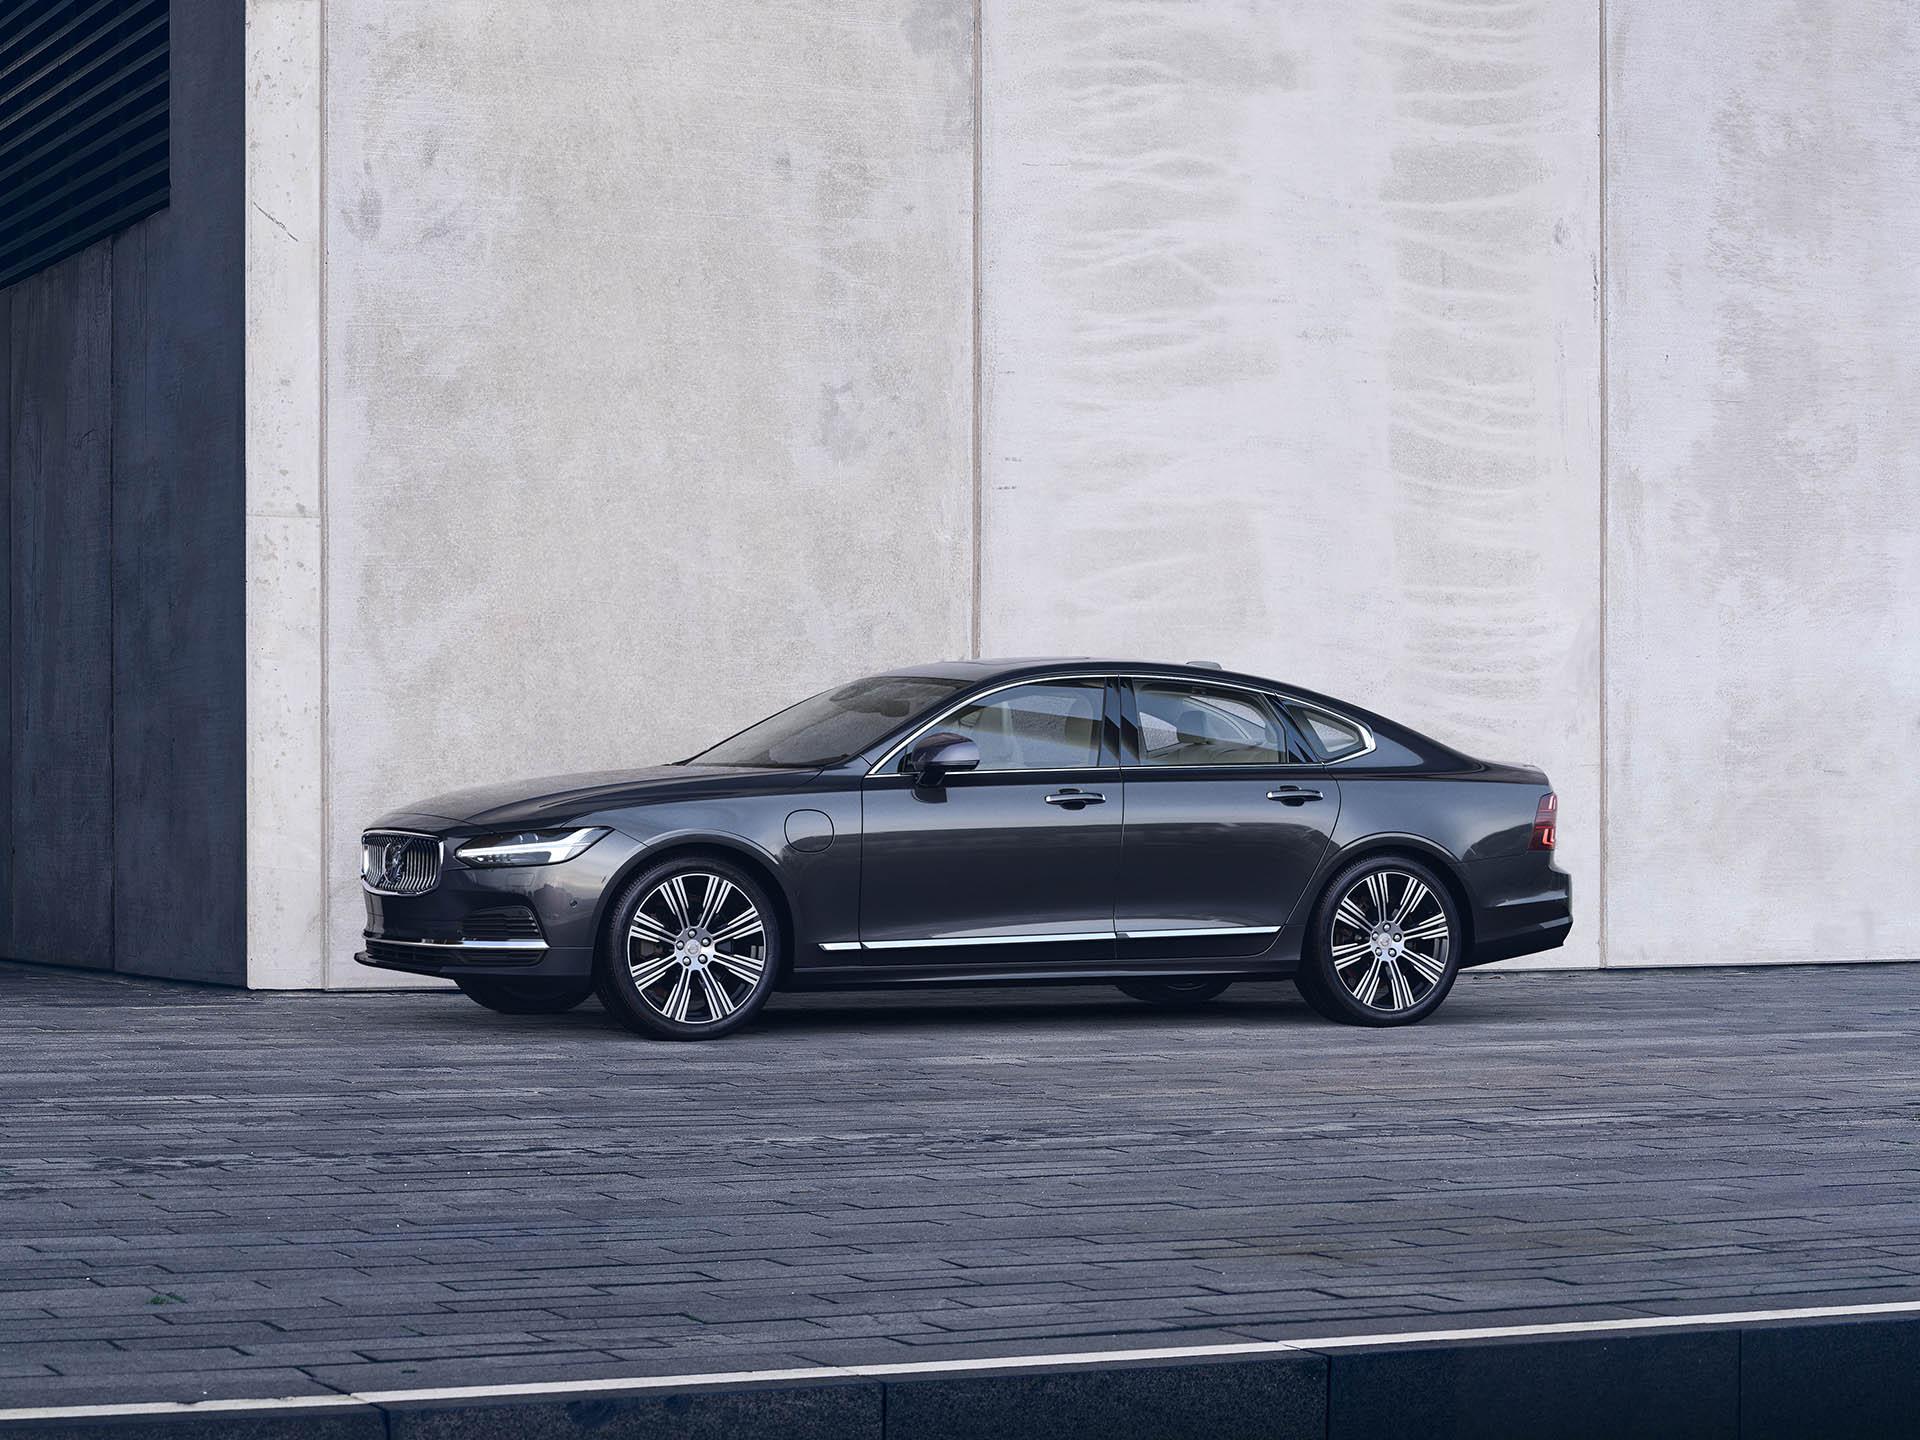 Una berlina Volvo Recharge parcheggiata all'esterno davanti a una grande parete